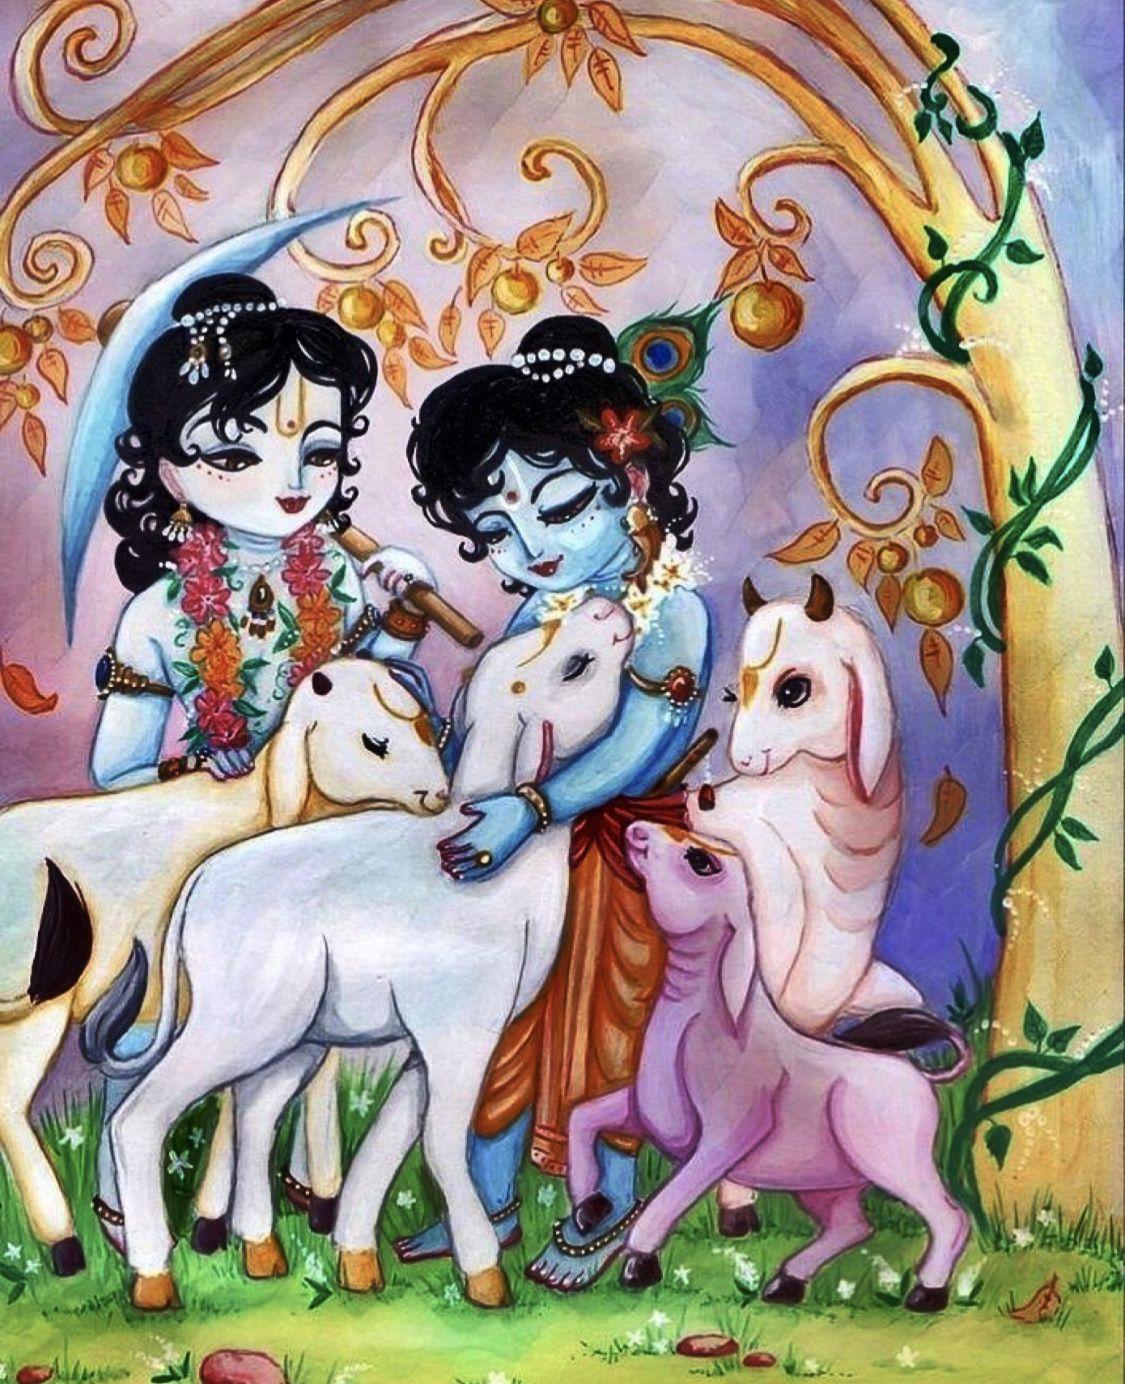 krishna cartoons krishna little krishna radhe krishna pinterest